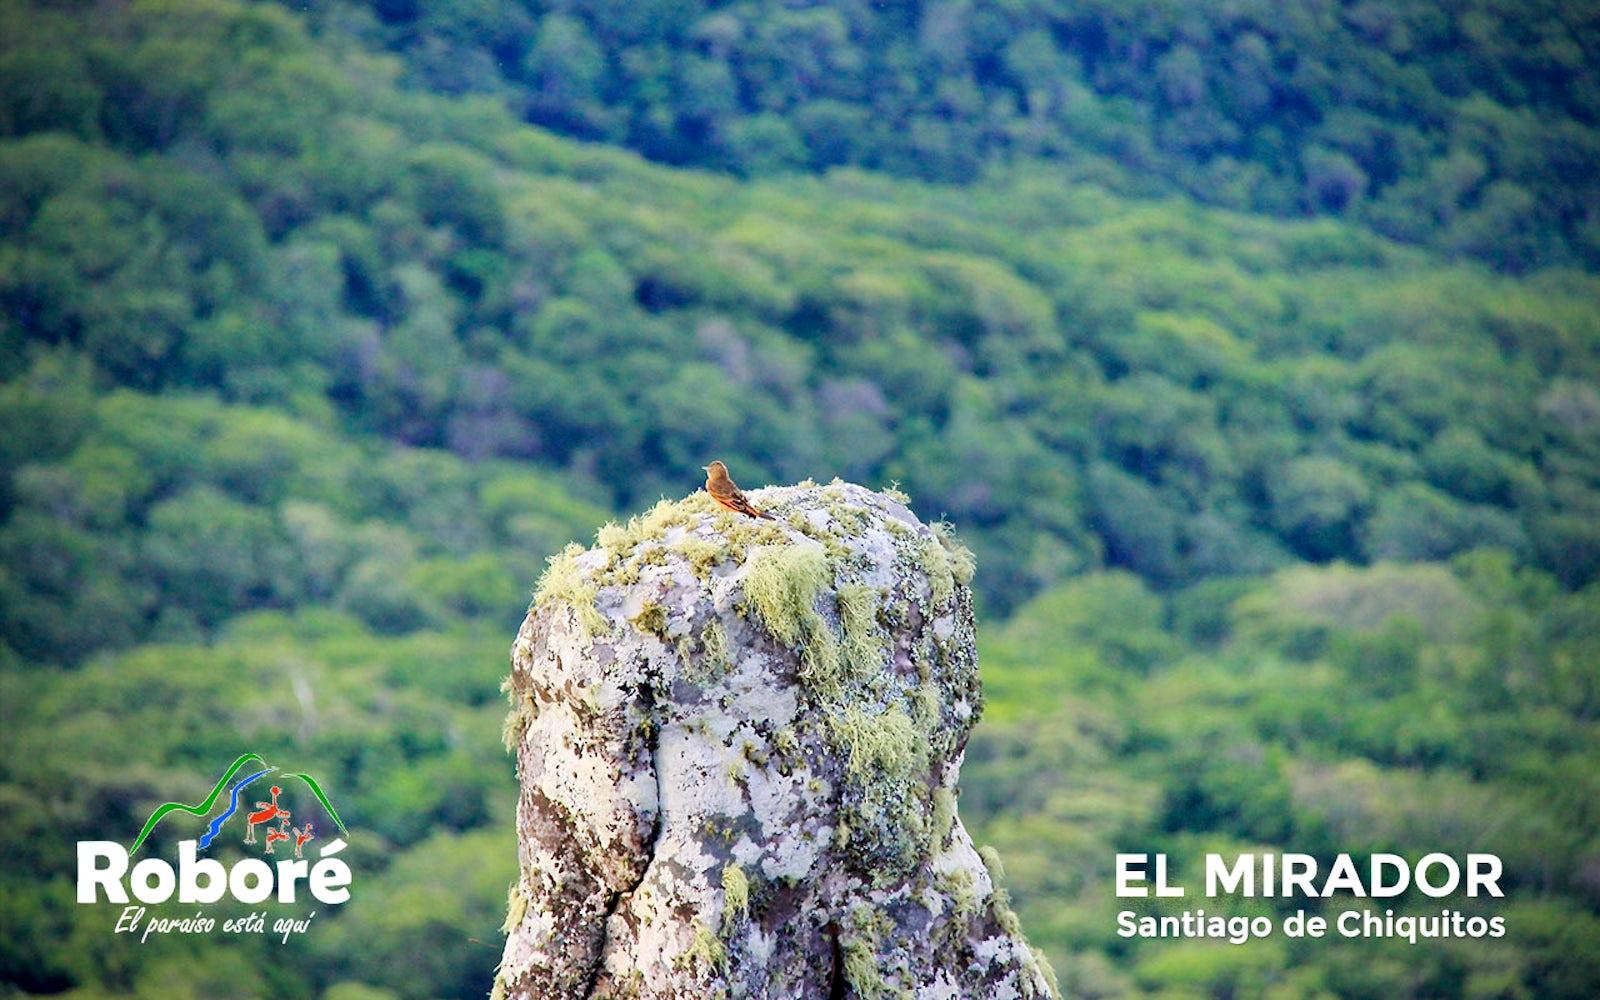 © CEPAD-FELCODE/Enrique Rodríguez